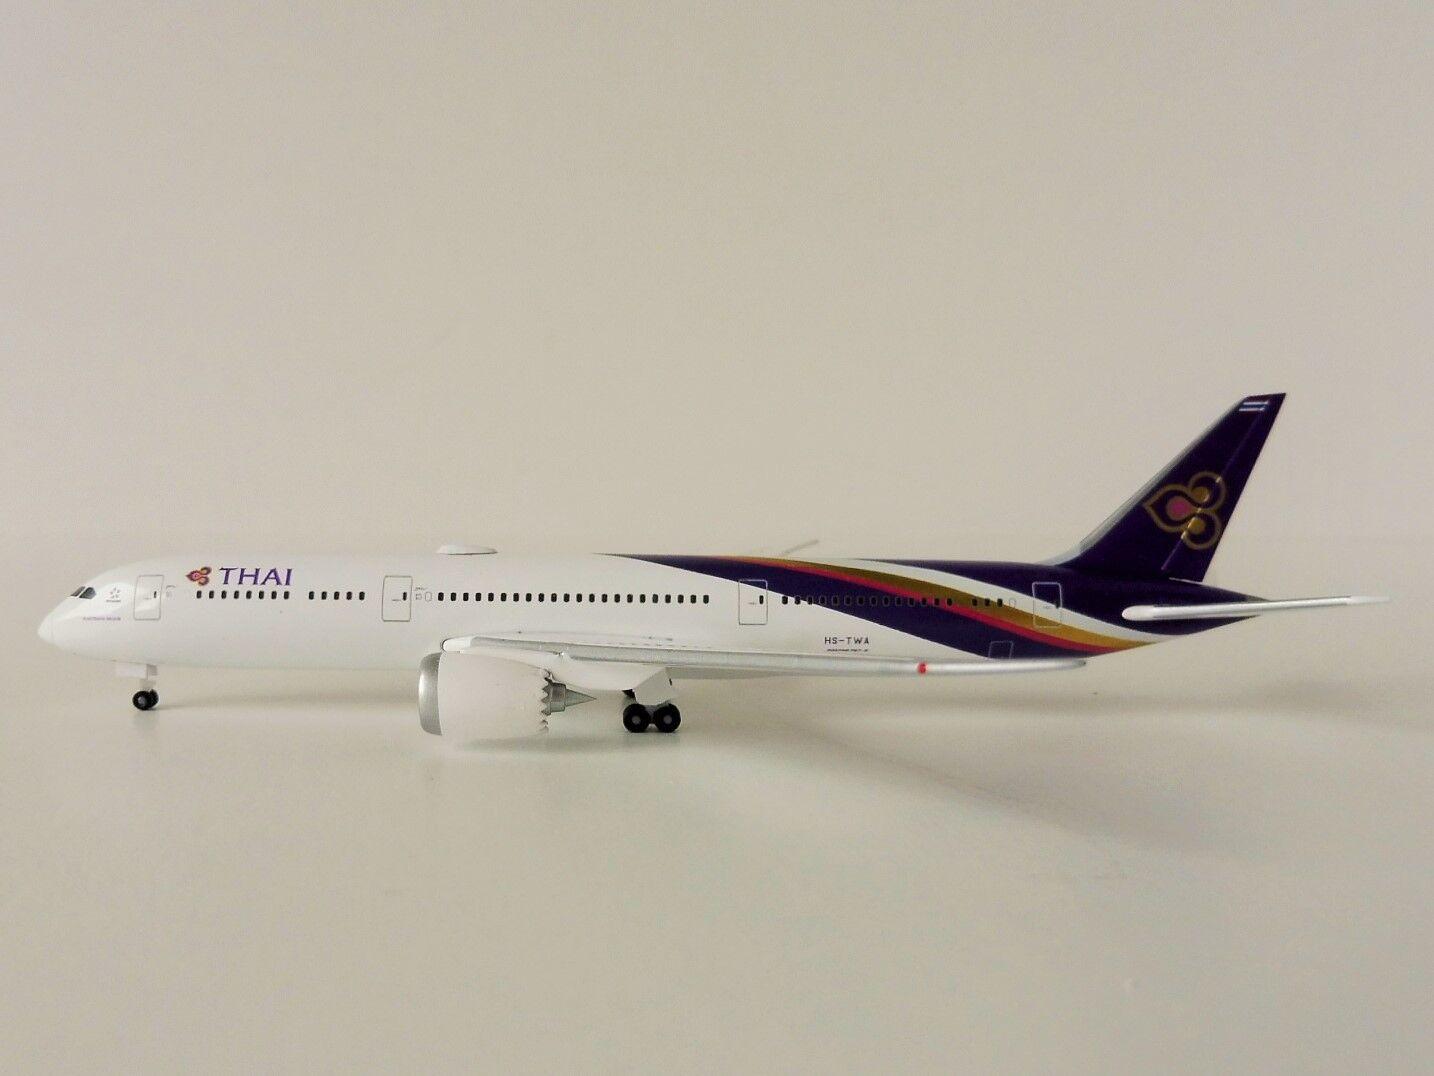 THAI AIRWAYS Boeing 787-9 1 500 Herpa 531467 787 Dreamliner Dreamliner Dreamliner Phattana Nikhom b1a983